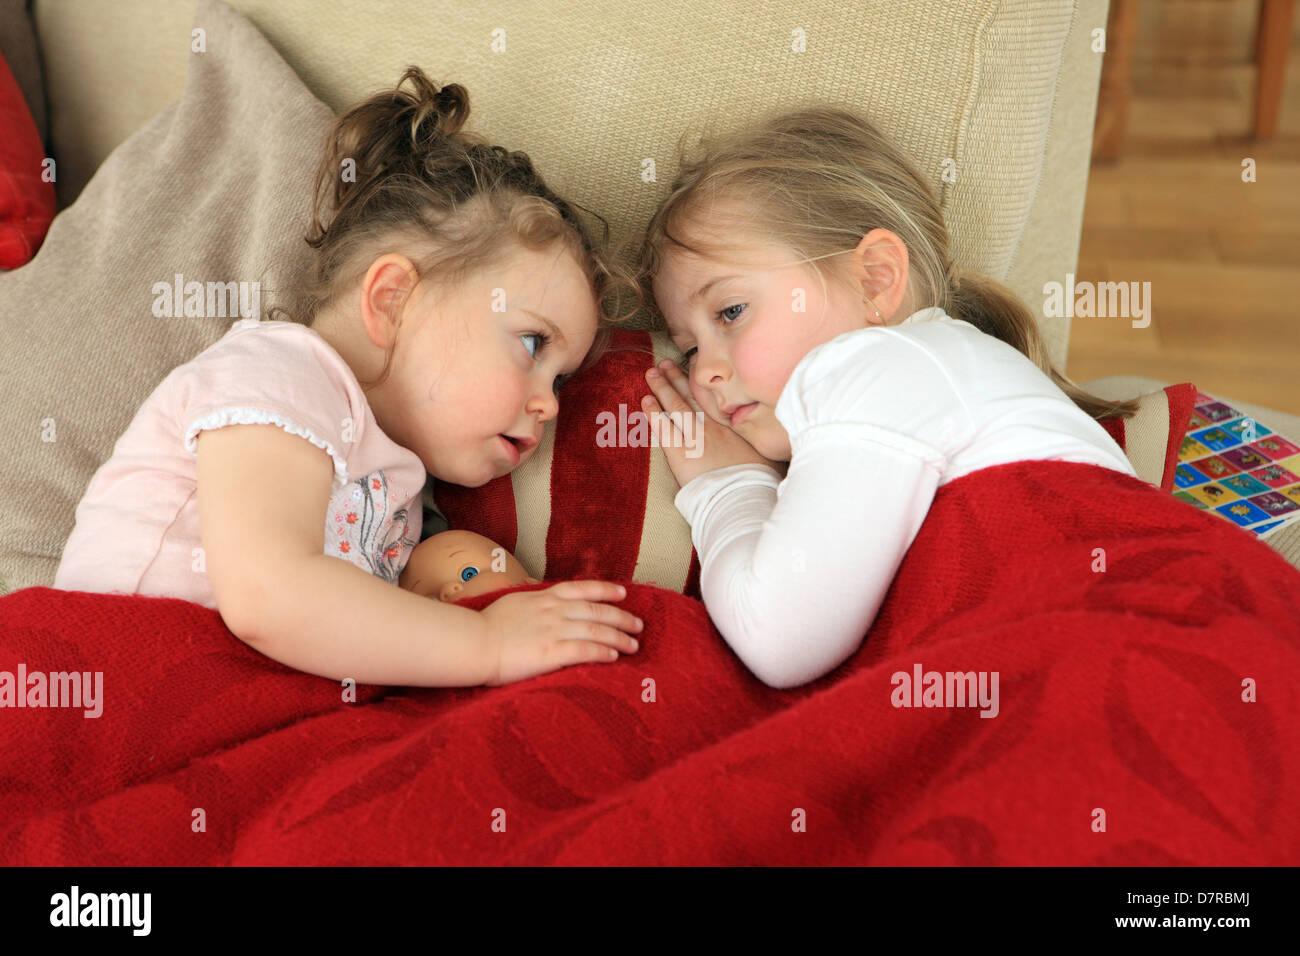 Jeune soeur montrant les préoccupations du public à l'égard de sa soeur aînée, qui Photo Stock